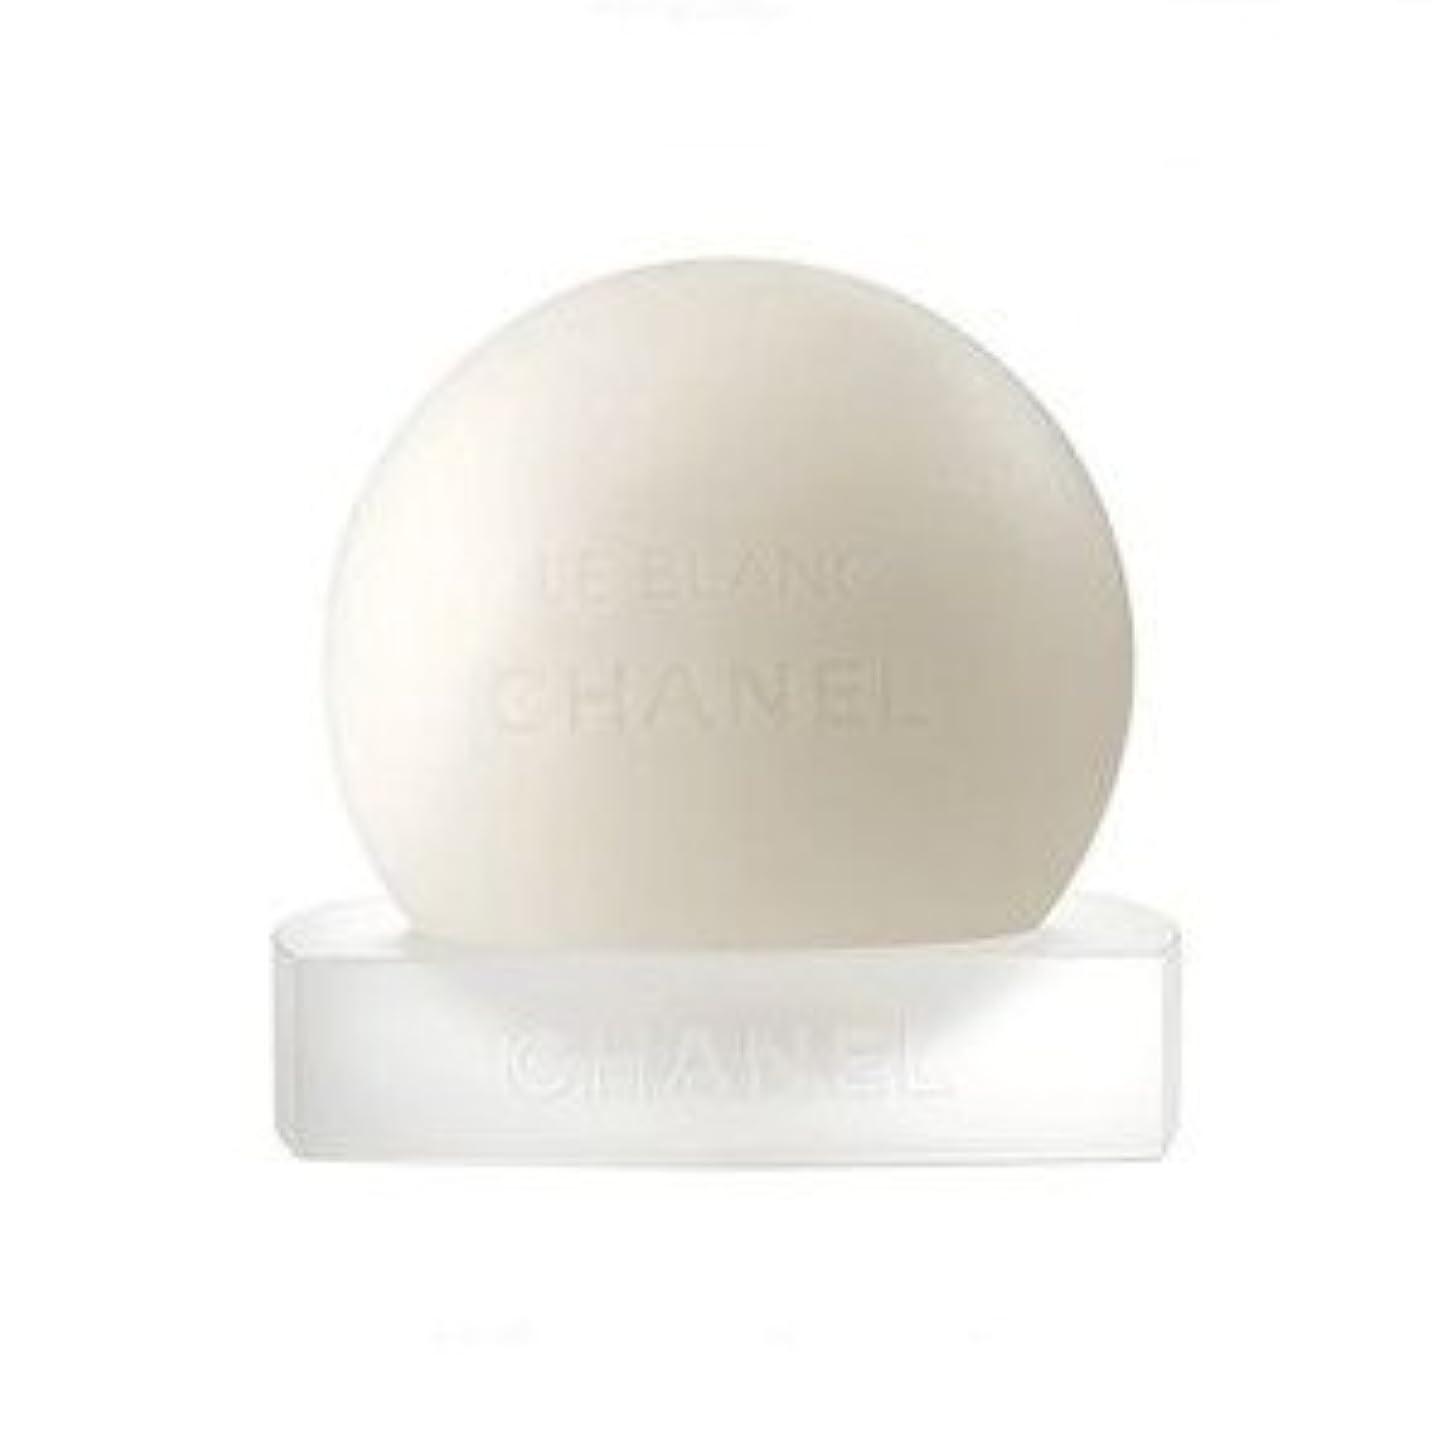 家畜合併症哀れなシャネル ル ブラン ソープ 100g 洗顔石けん 限定品 アウトレット